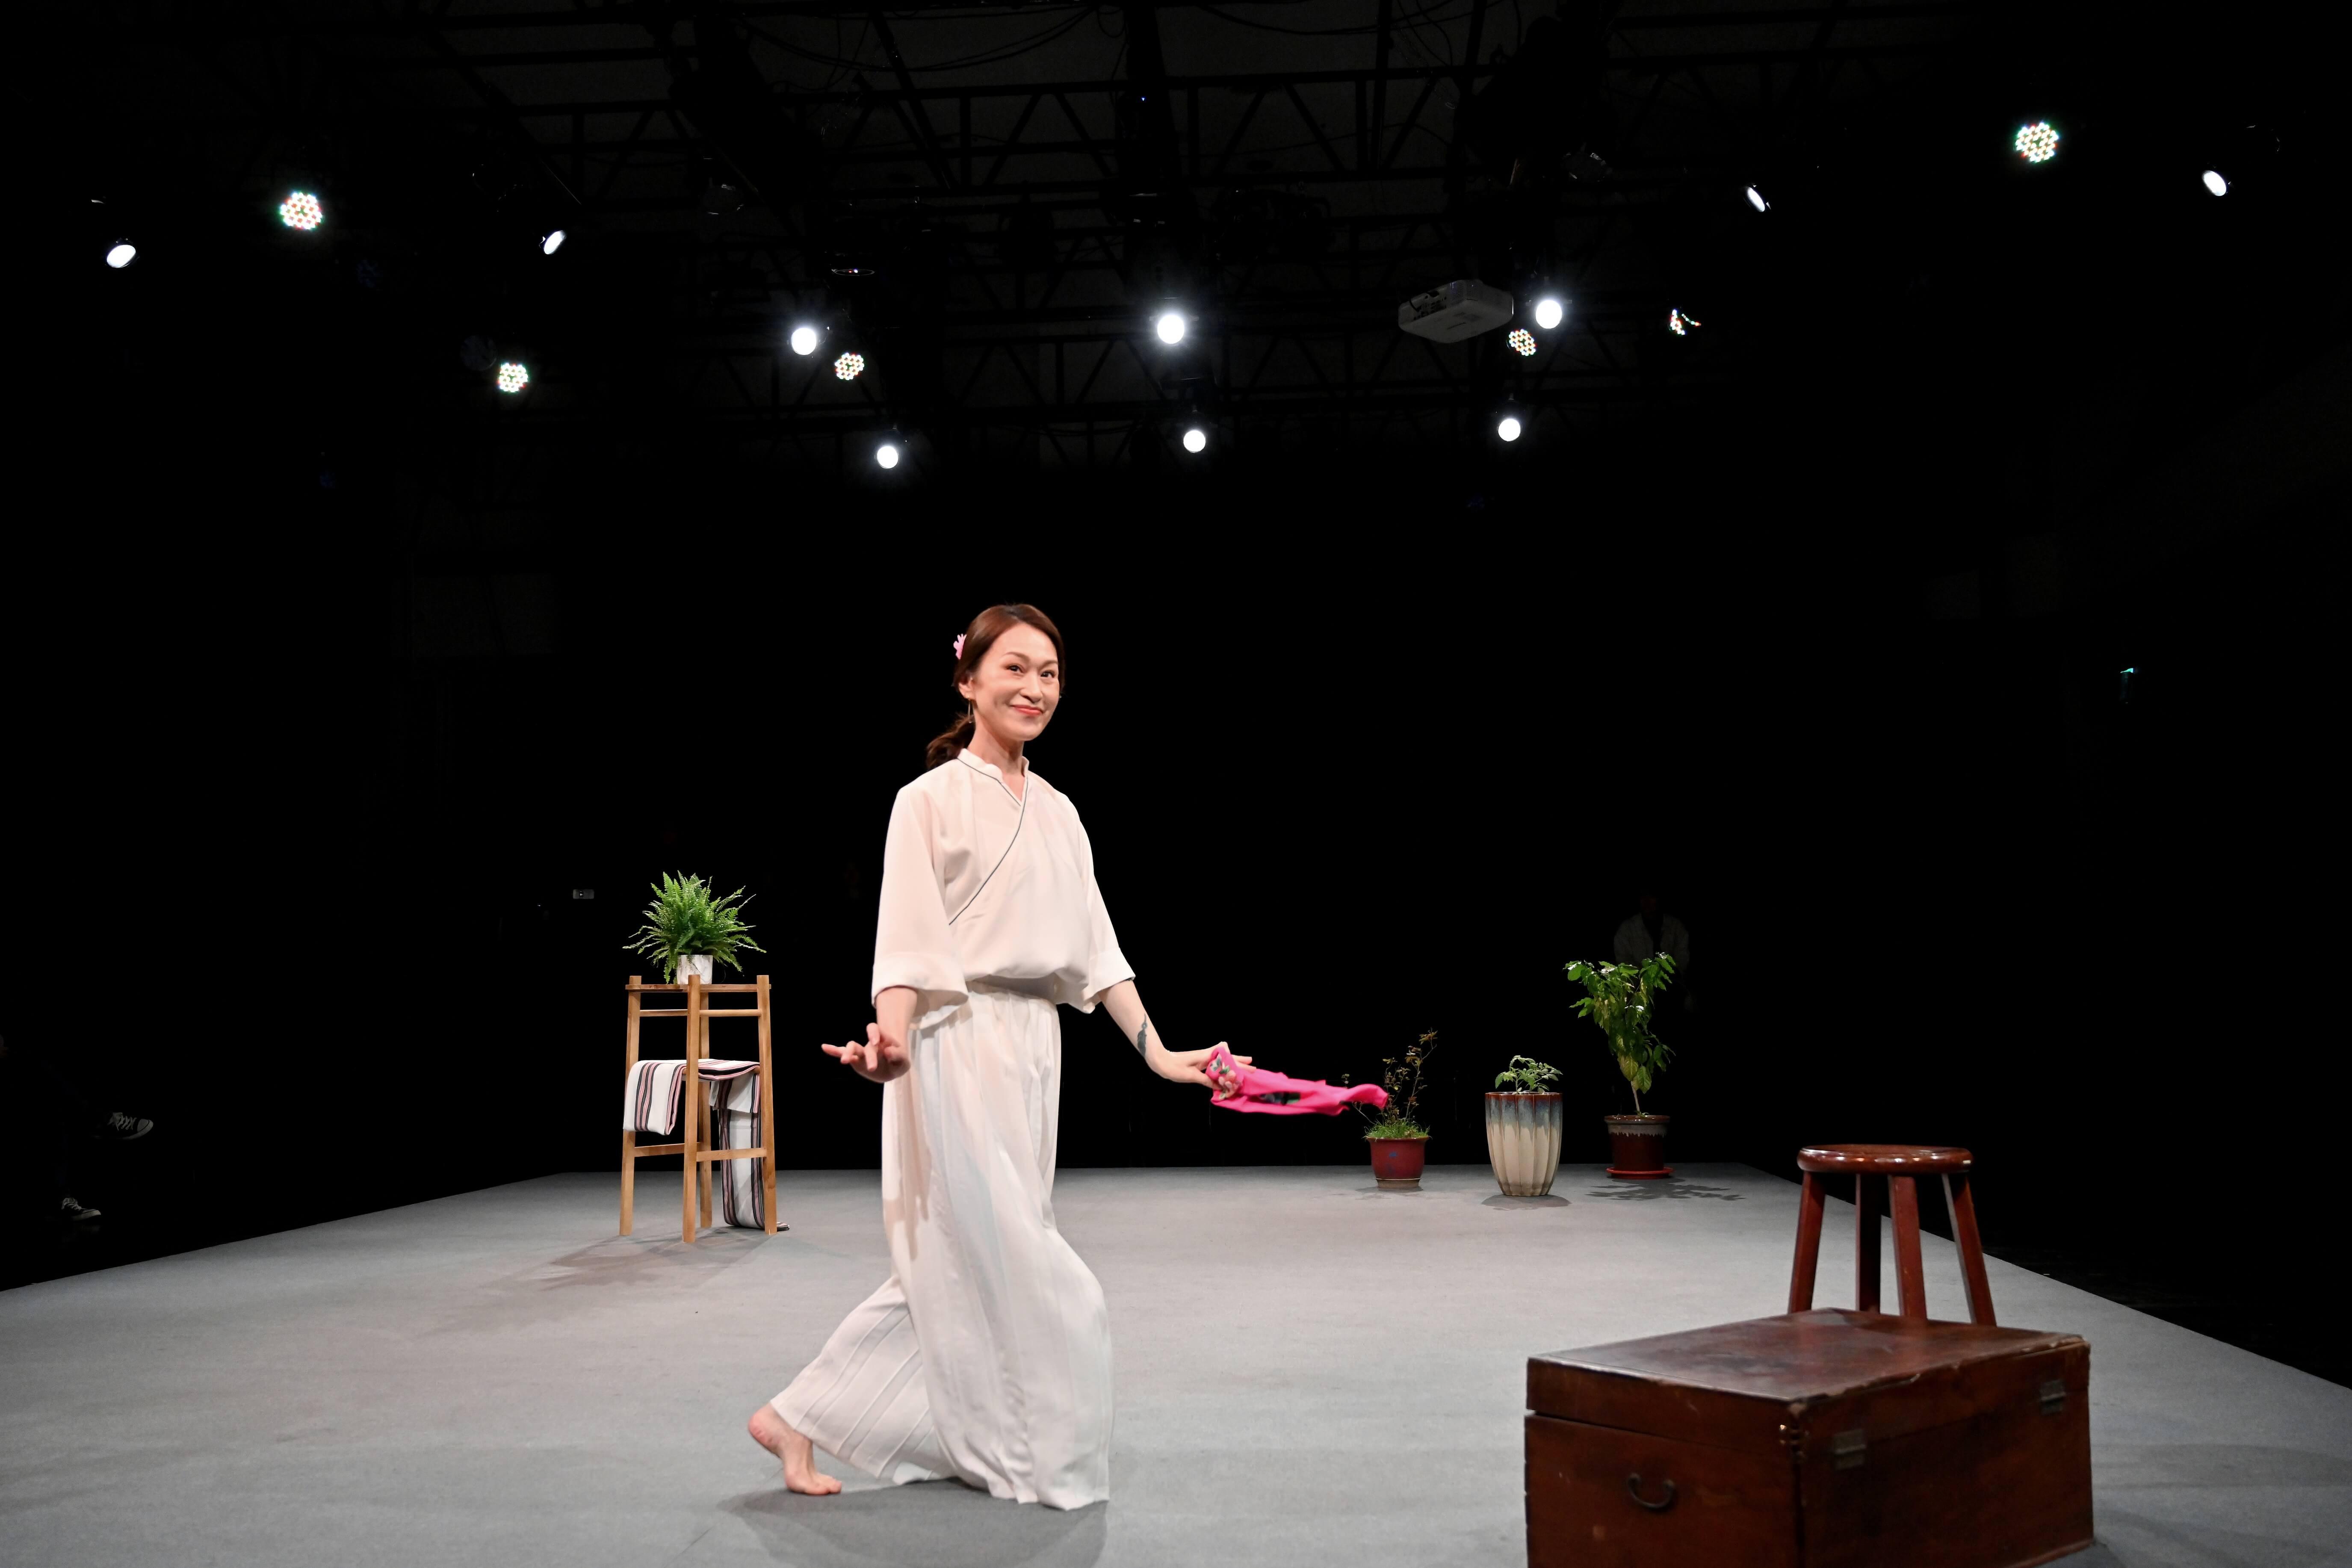 尋找失落的鄉愁:於劇場、於族群-《女子安麗》的儀式魂